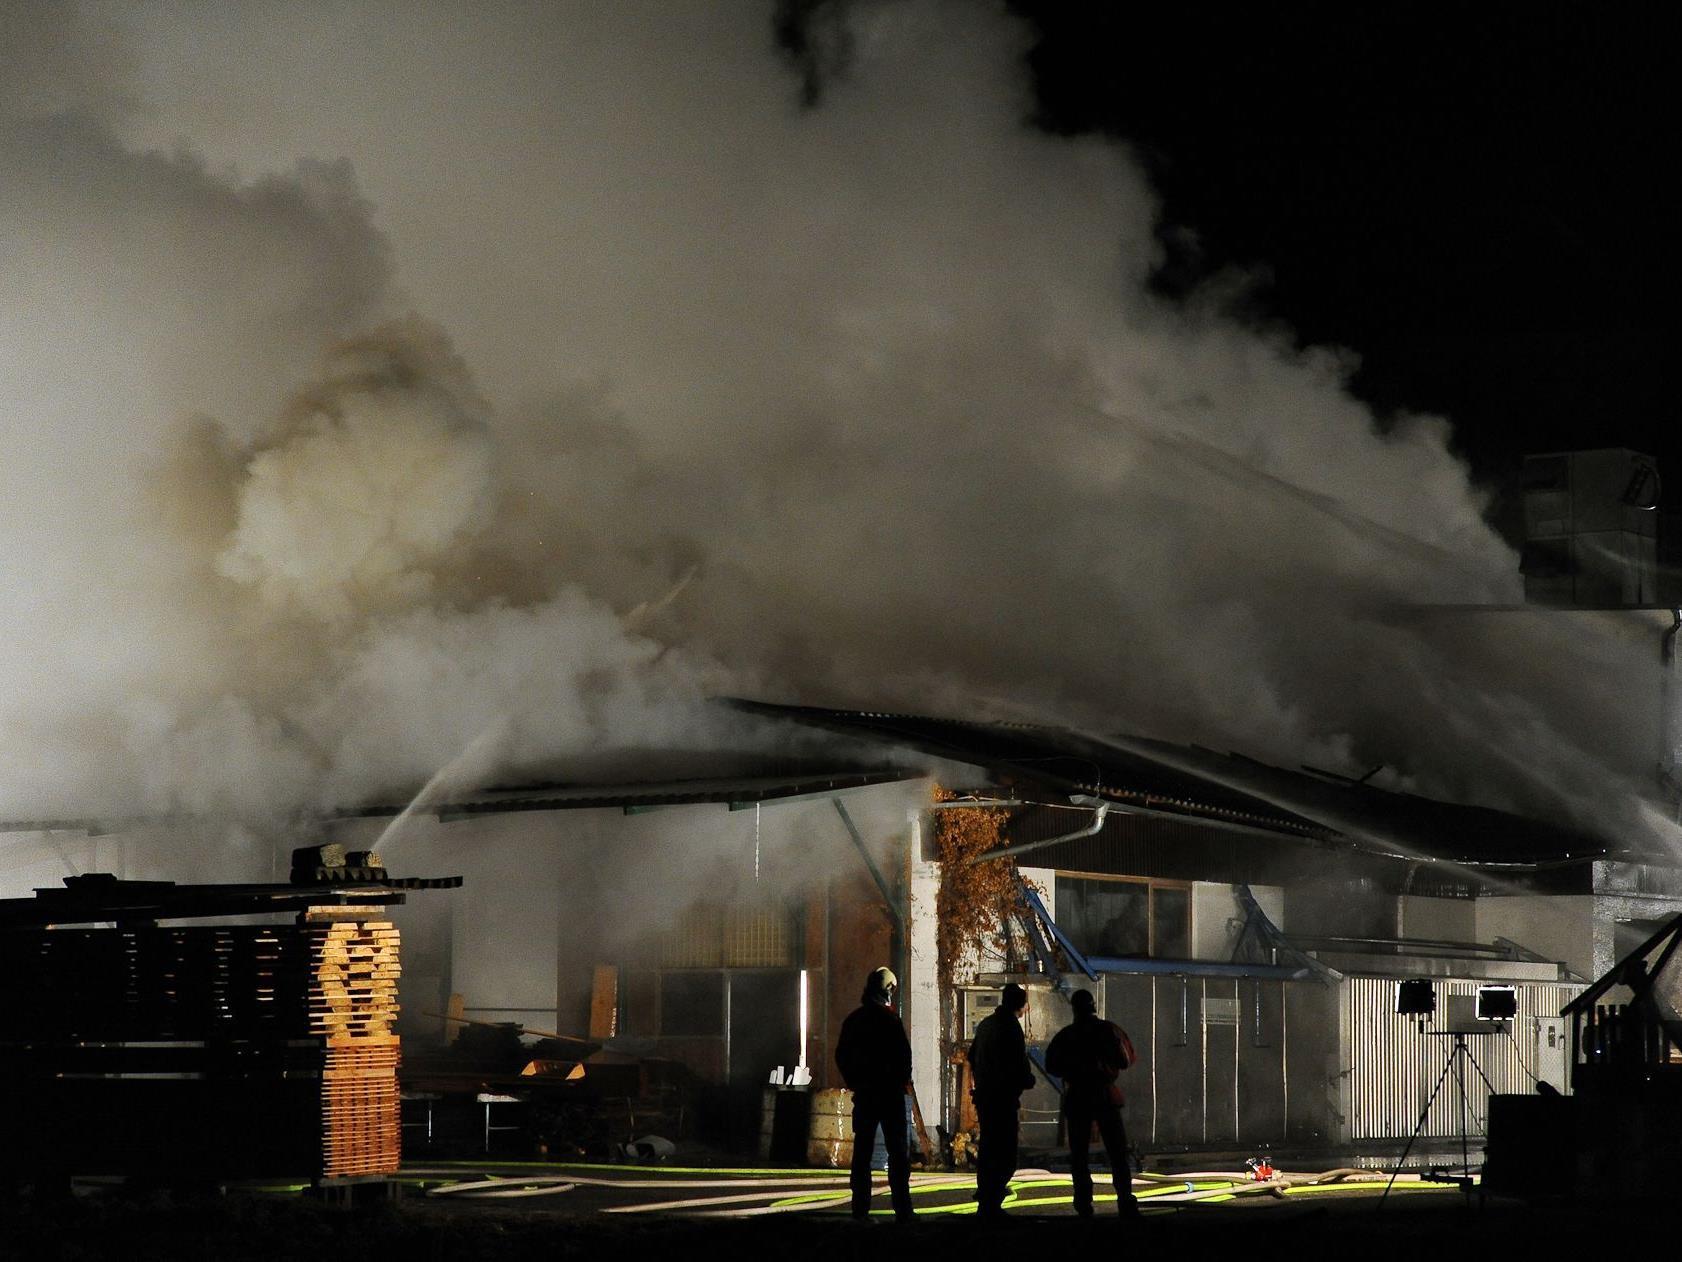 Löscheinsatz der Feuerwehren bei einem Brand der Produktionshalle einer Tischlerei in Kefermarkt.